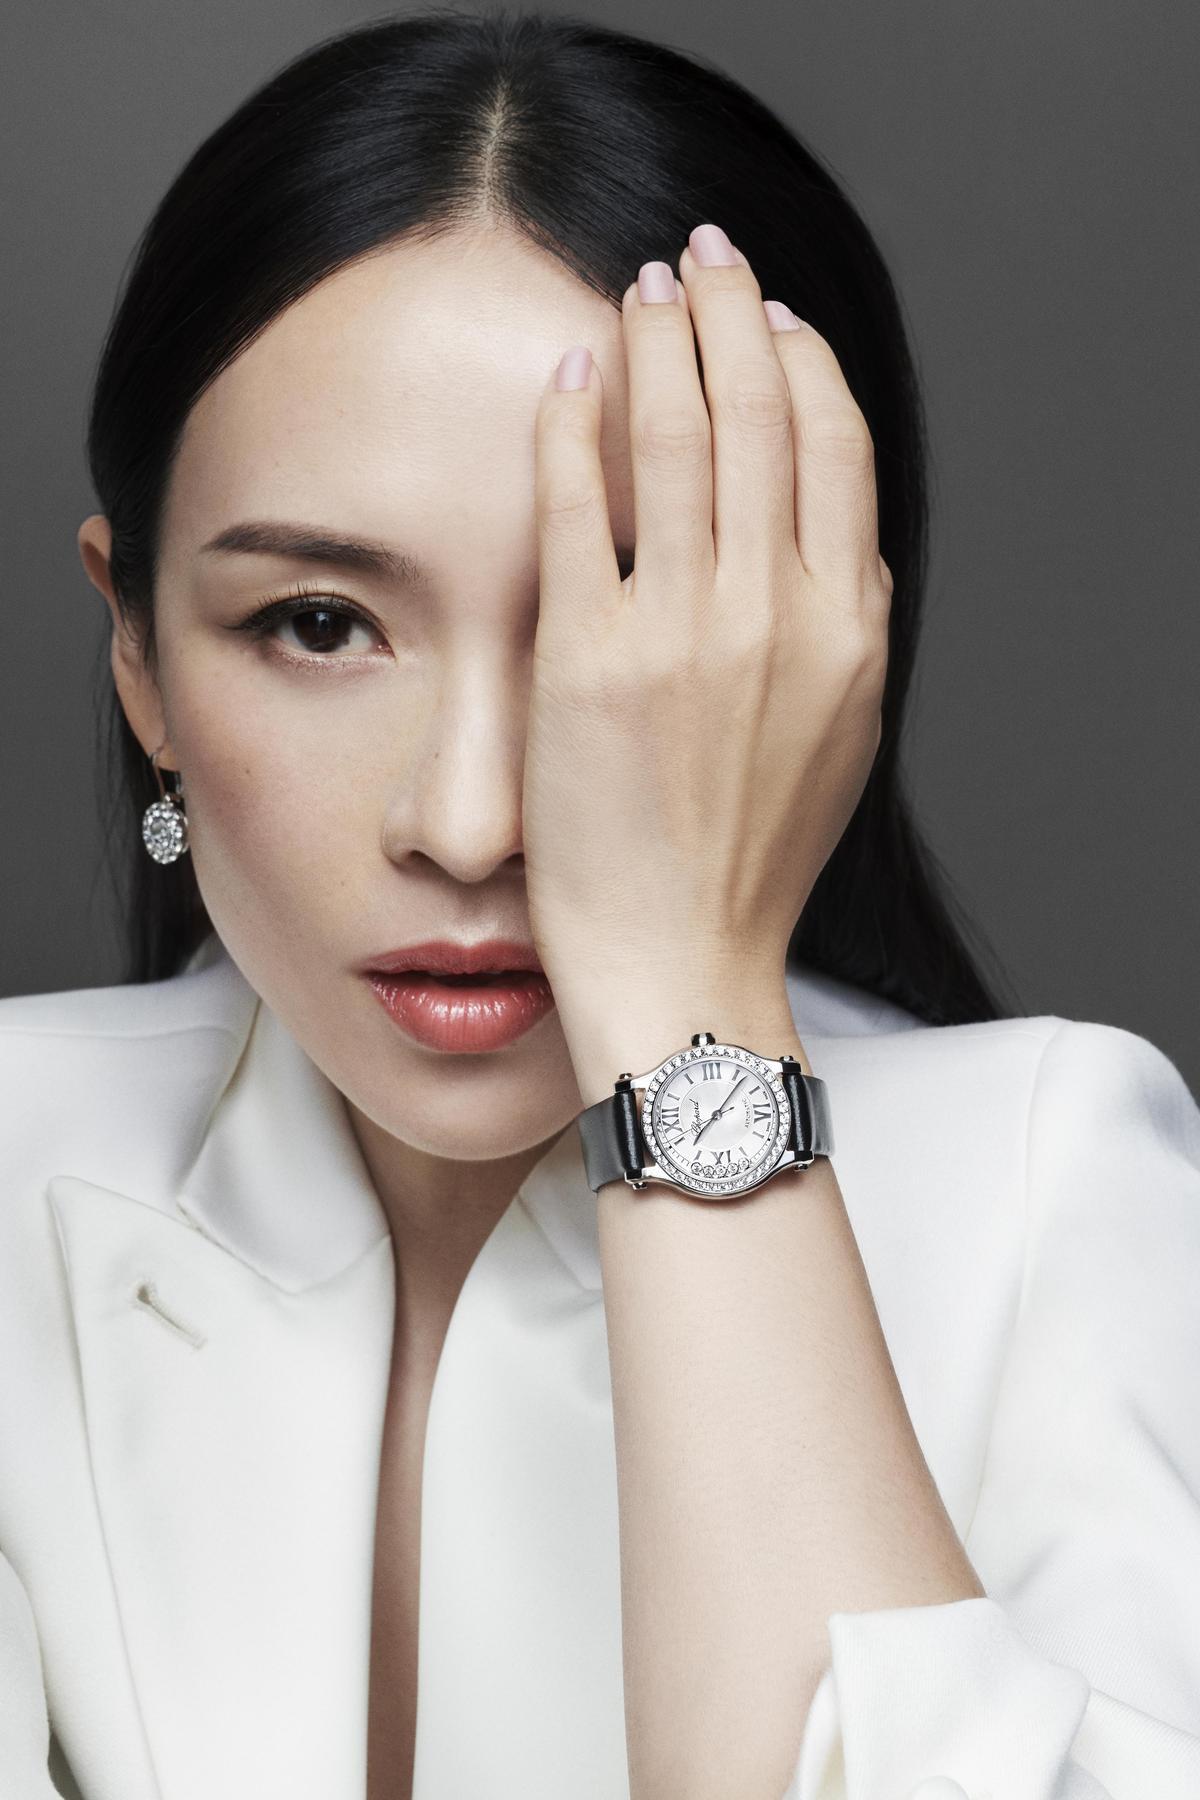 章子怡以「眼睛痛」的姿勢,展現蕭邦的華麗時計和珠寶。(迪生提供)